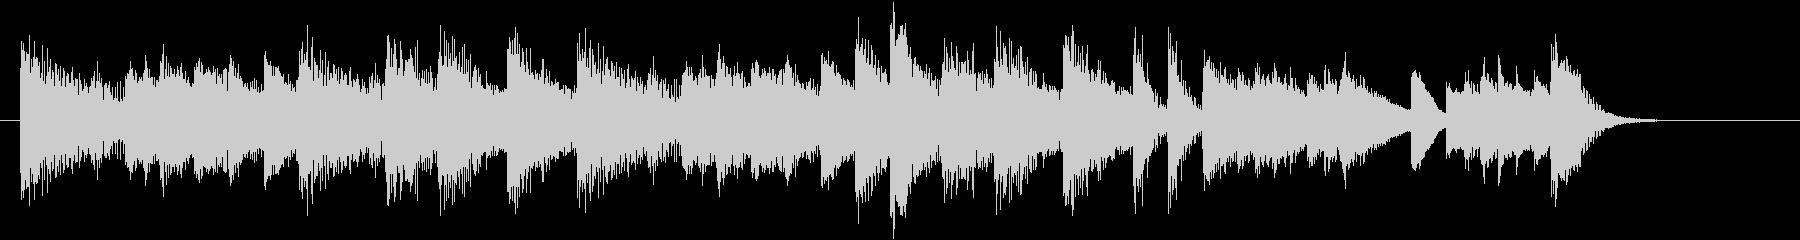 お正月・春の海モチーフのピアノジングルFの未再生の波形